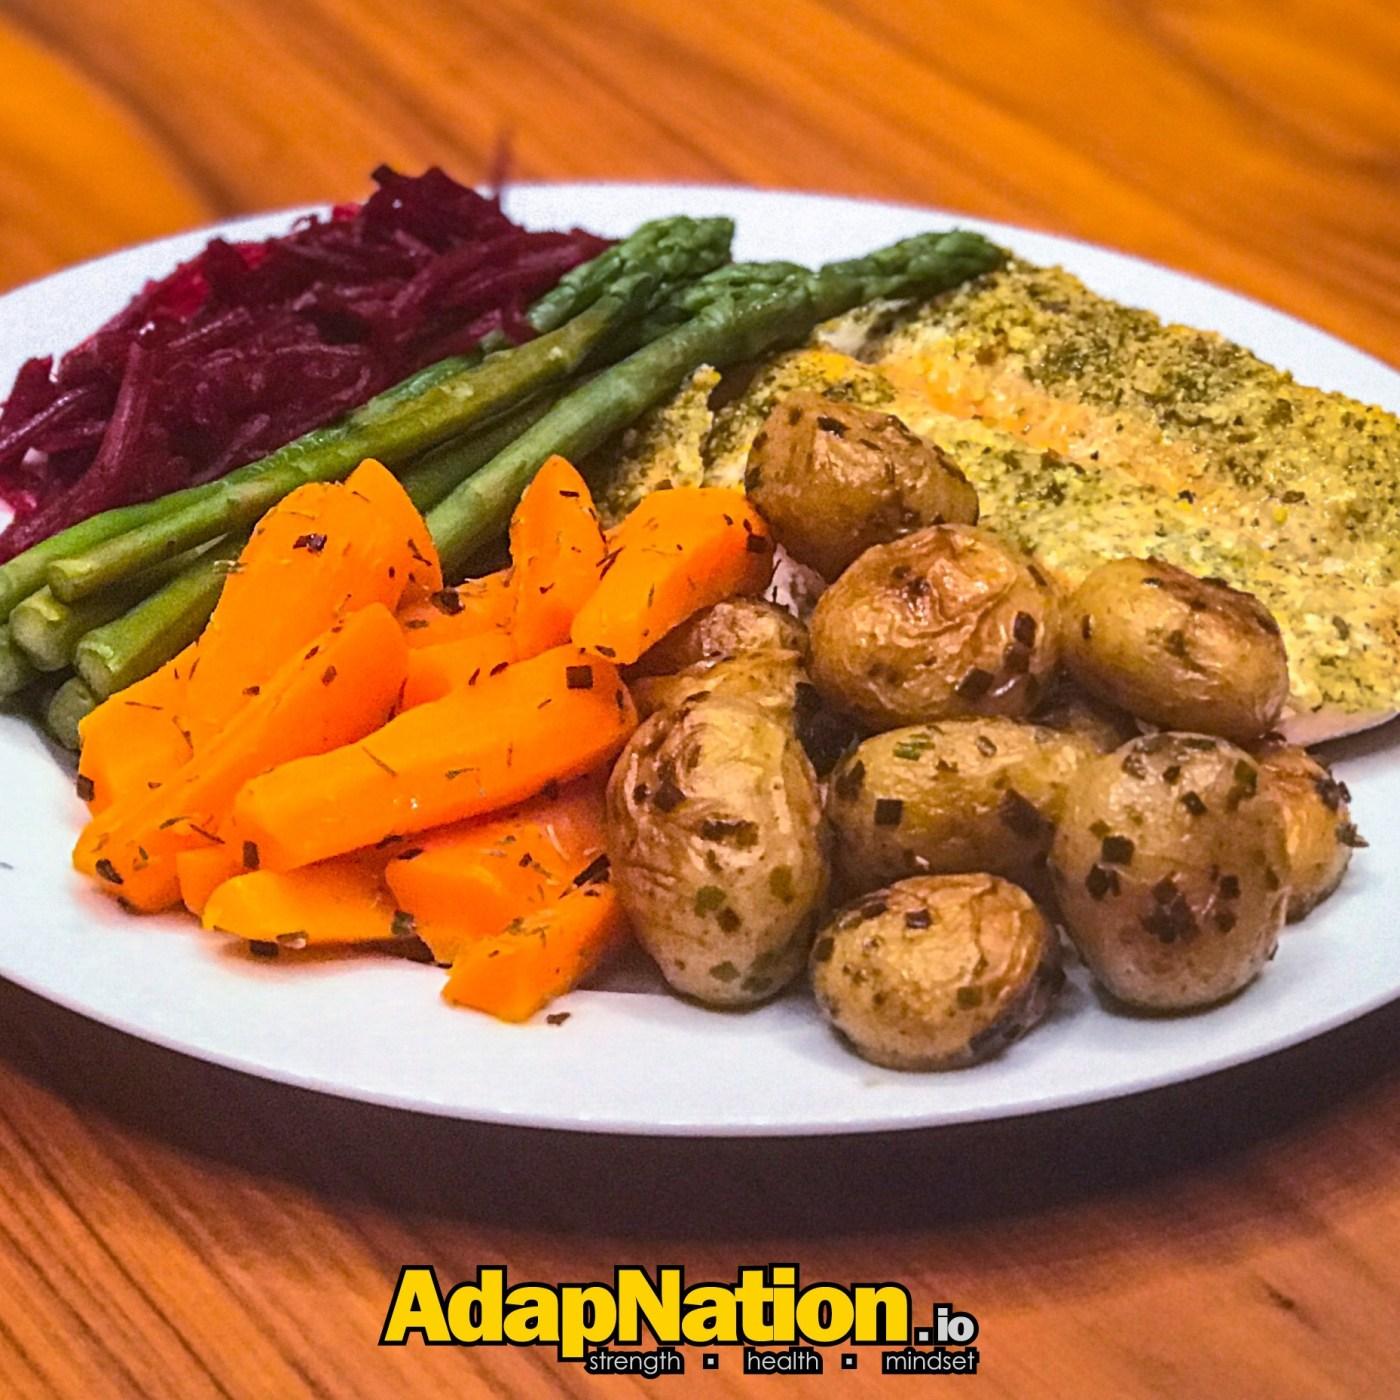 AdapNation - Salmon, new potatoes, and super veg